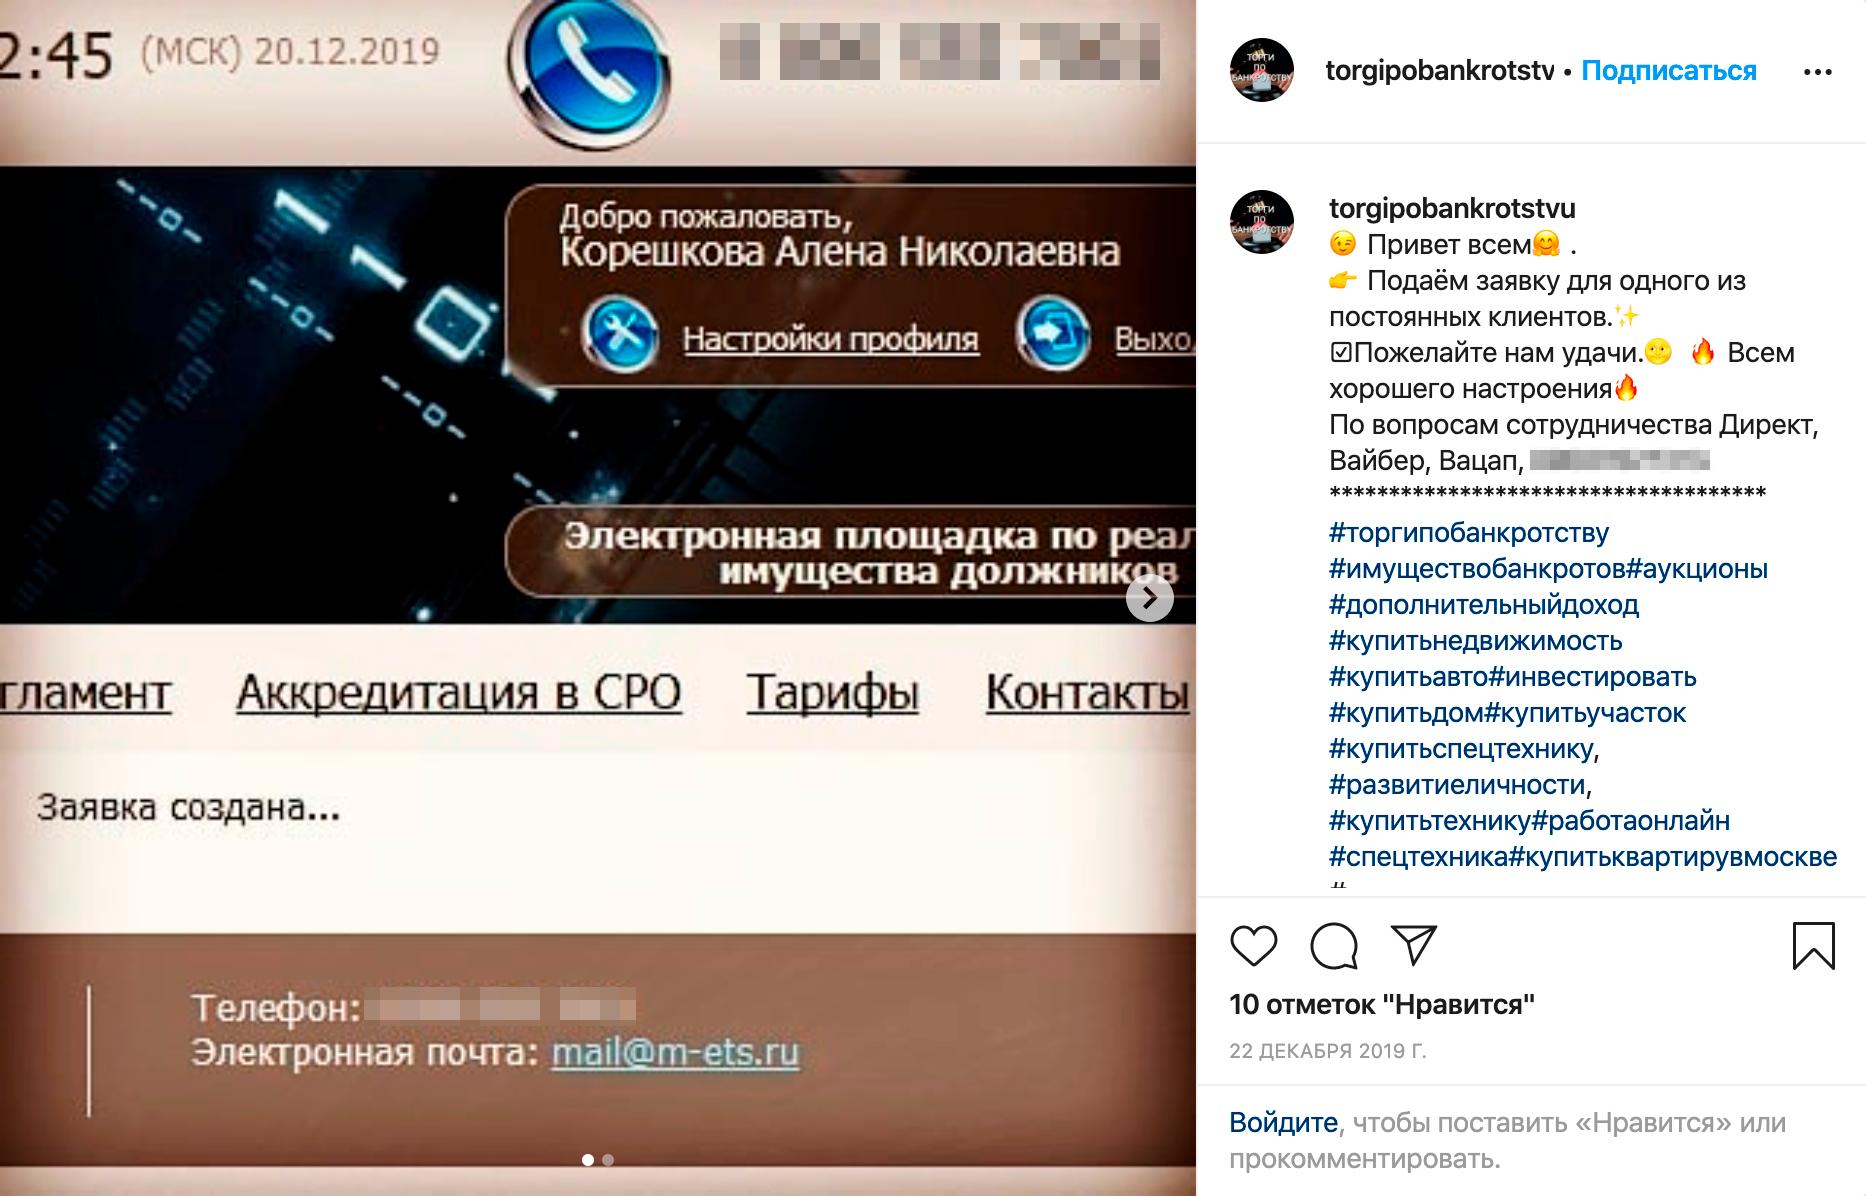 В Инстаграме Корешкова выкладывает посты с будущими лотами и заявками на покупку. Я не нашел этих лотов на сайте «Юнитраста»